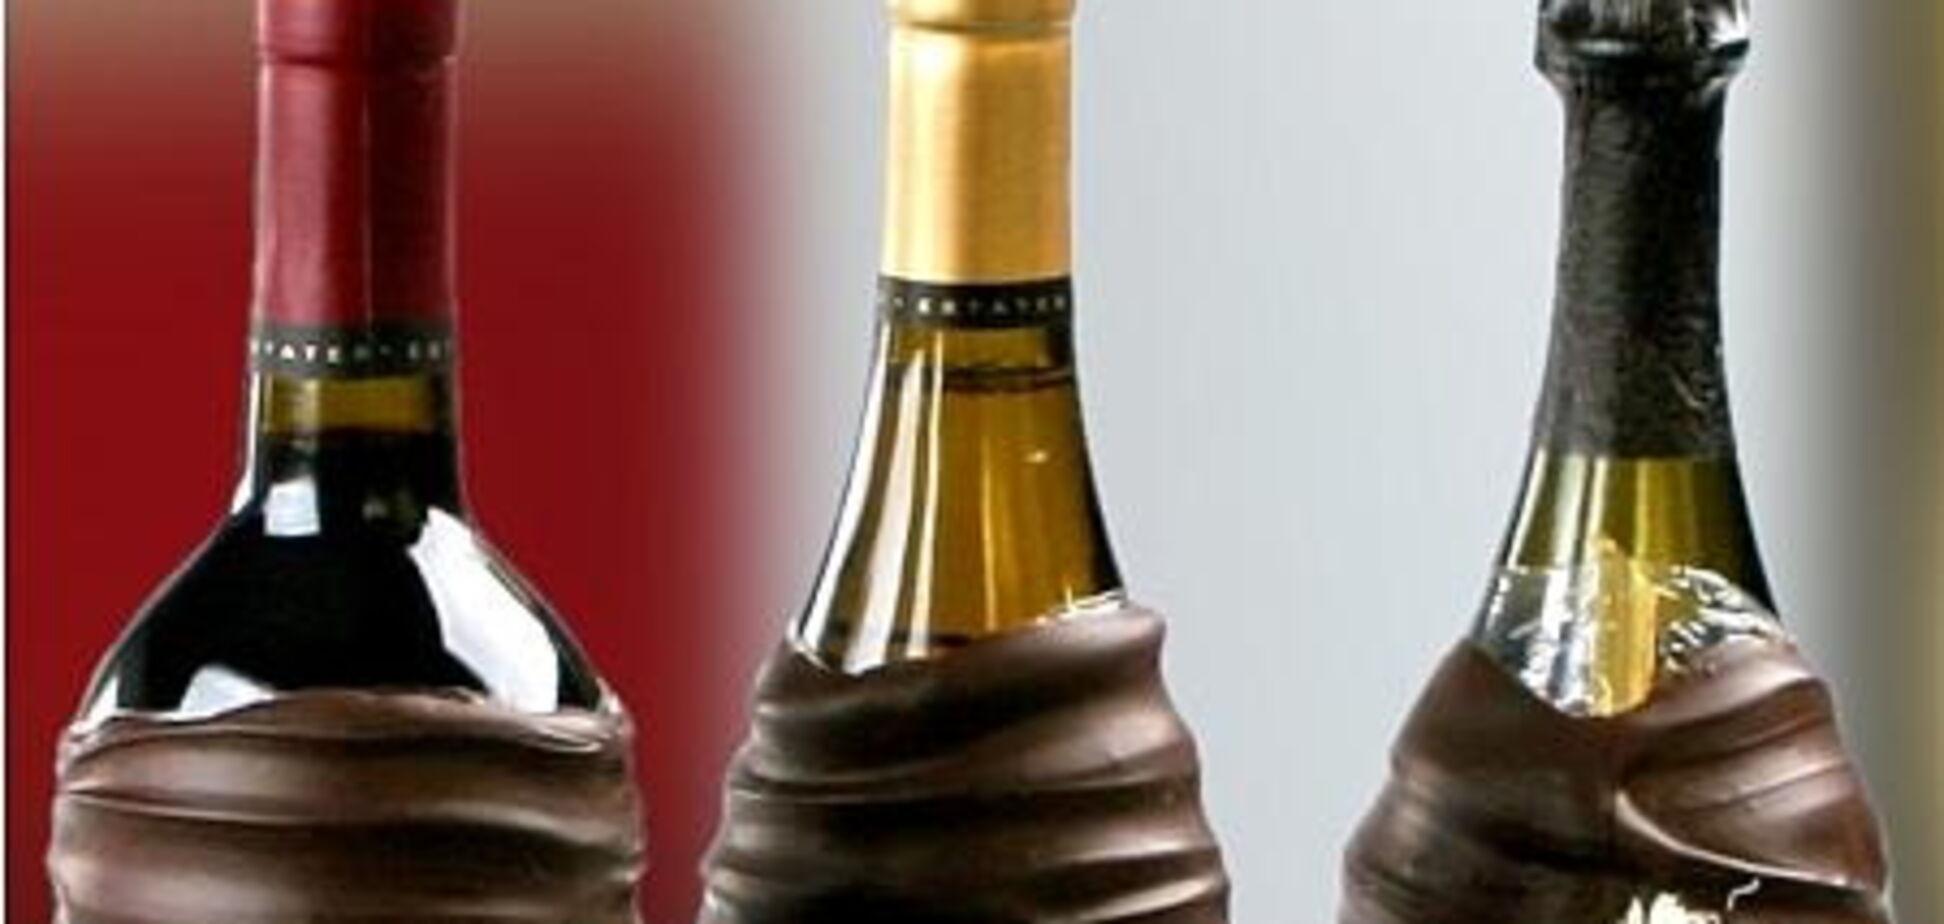 В продаже появилось вино в шоколадных бутылках